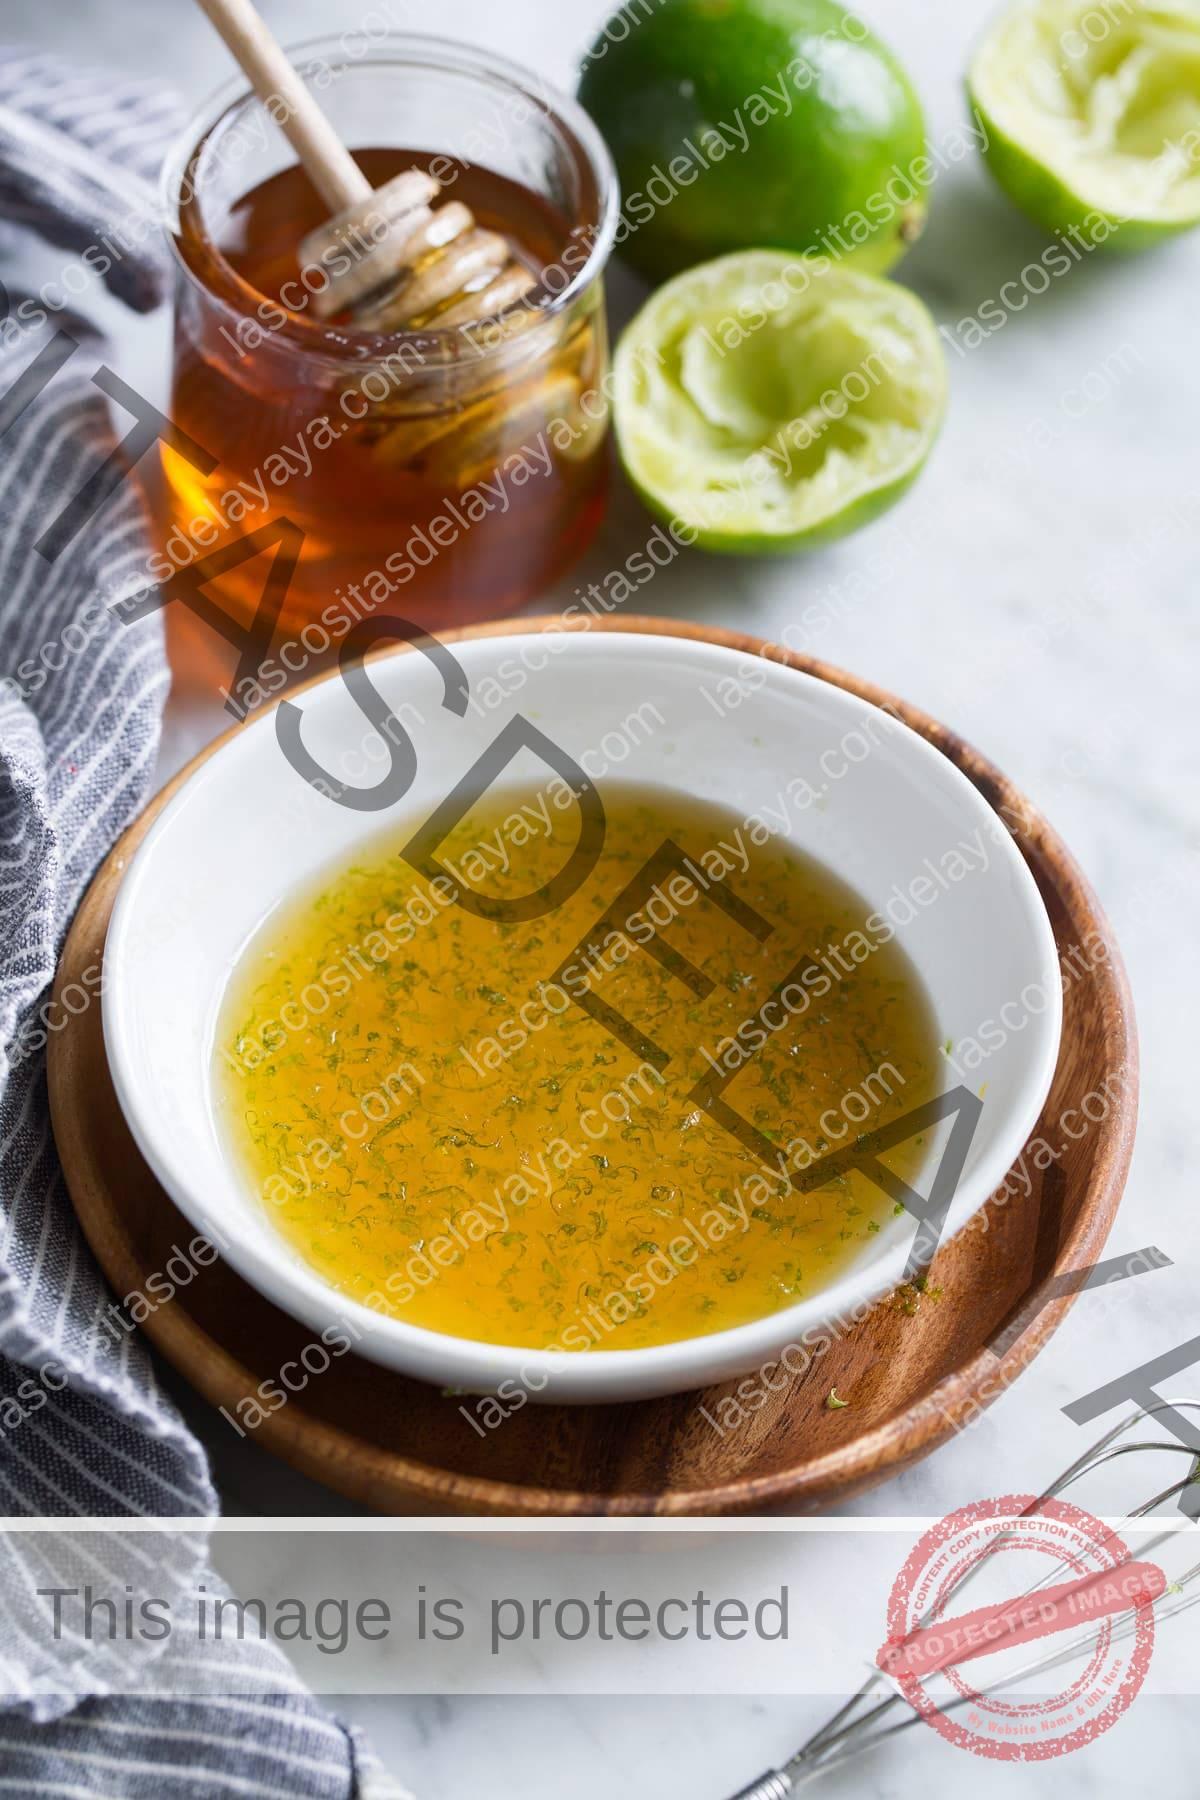 Aderezo de ensalada de frutas con miel y limón en un pequeño recipiente blanco sobre una placa de madera.